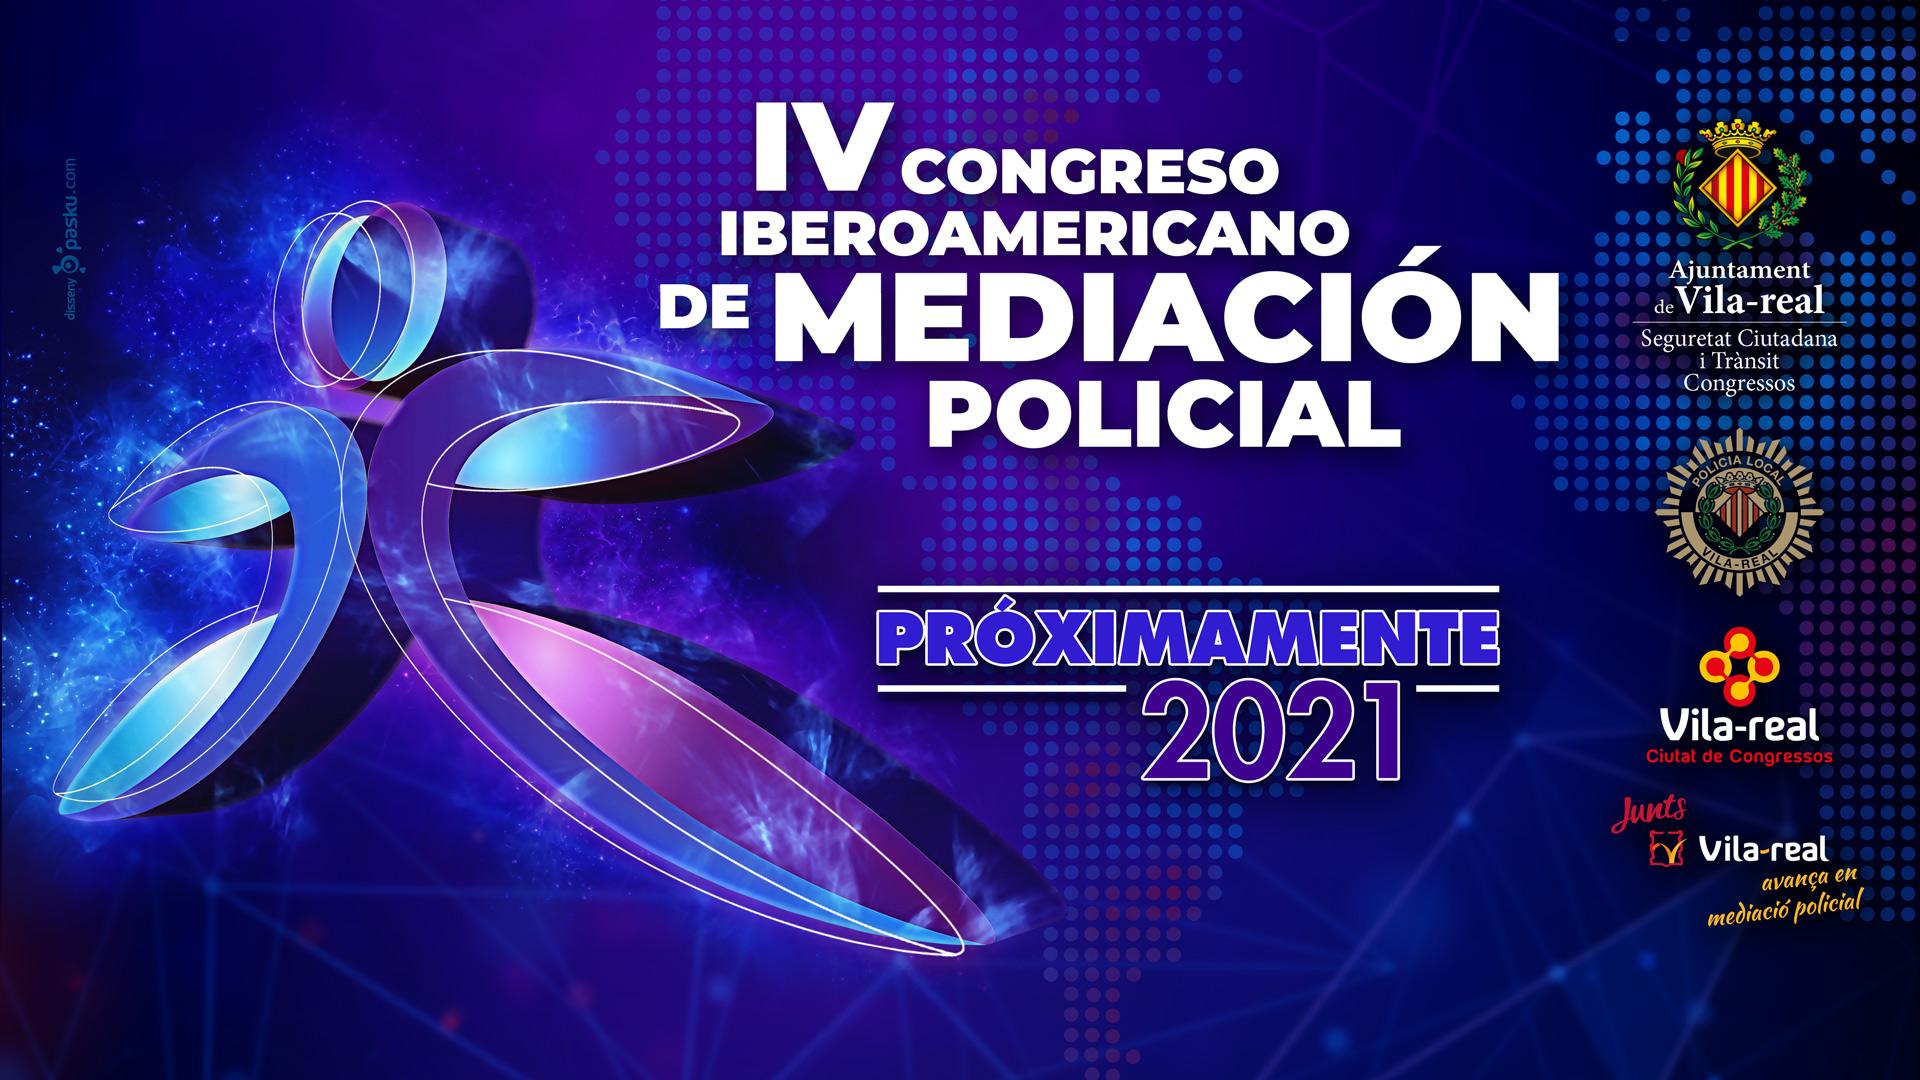 IV Congreso Iberoamericano de Mediación Policial (2021)